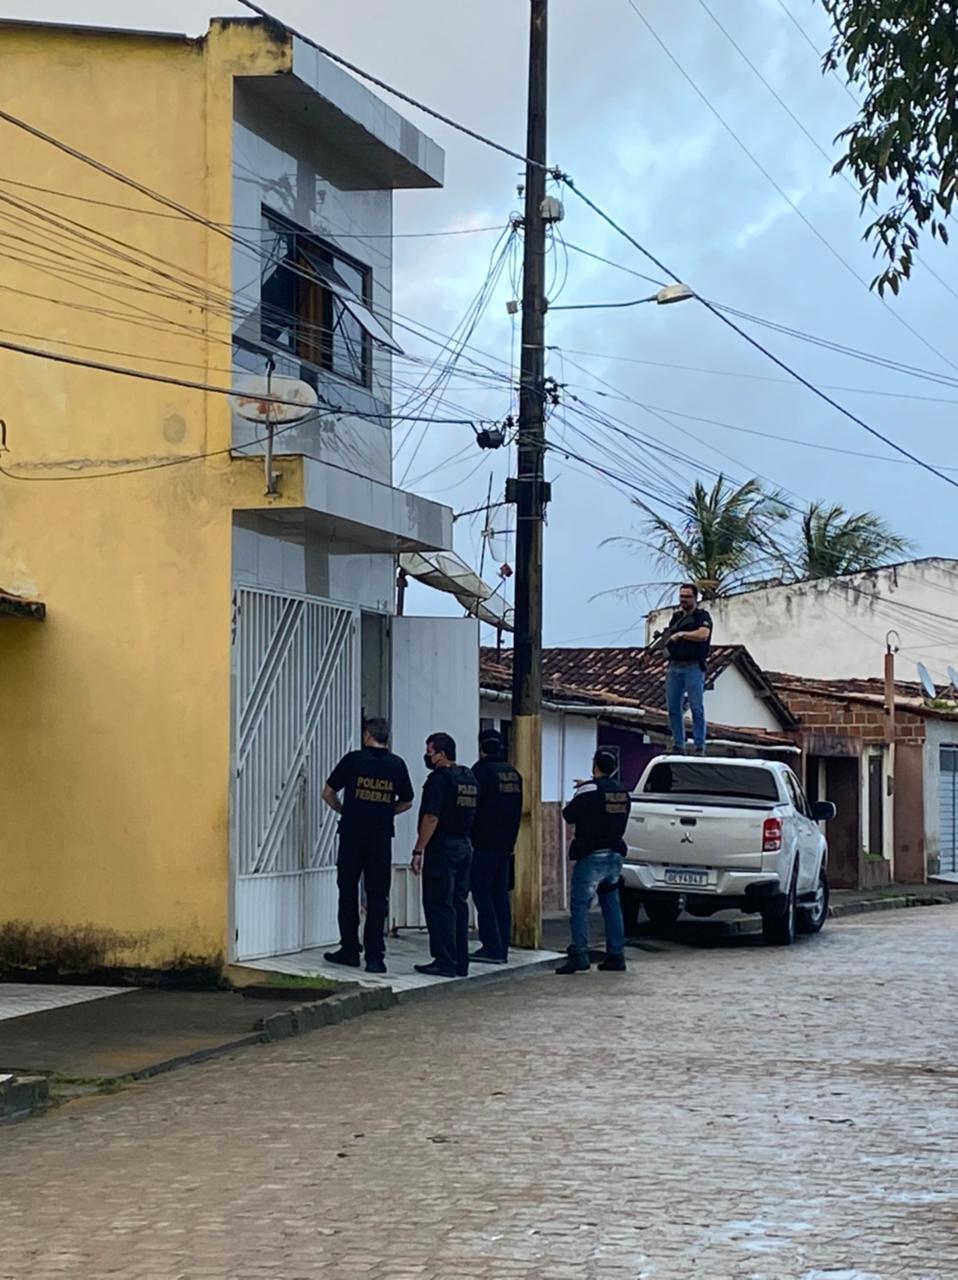 a2f41af3 ec6b 4324 9ebb 22f70ed1aacc 1 - OPERAÇÃO MENORIDADE: Polícia Federal cumpre 34 mandados nas cidades de São Bento e Campina Grande outros dois estados